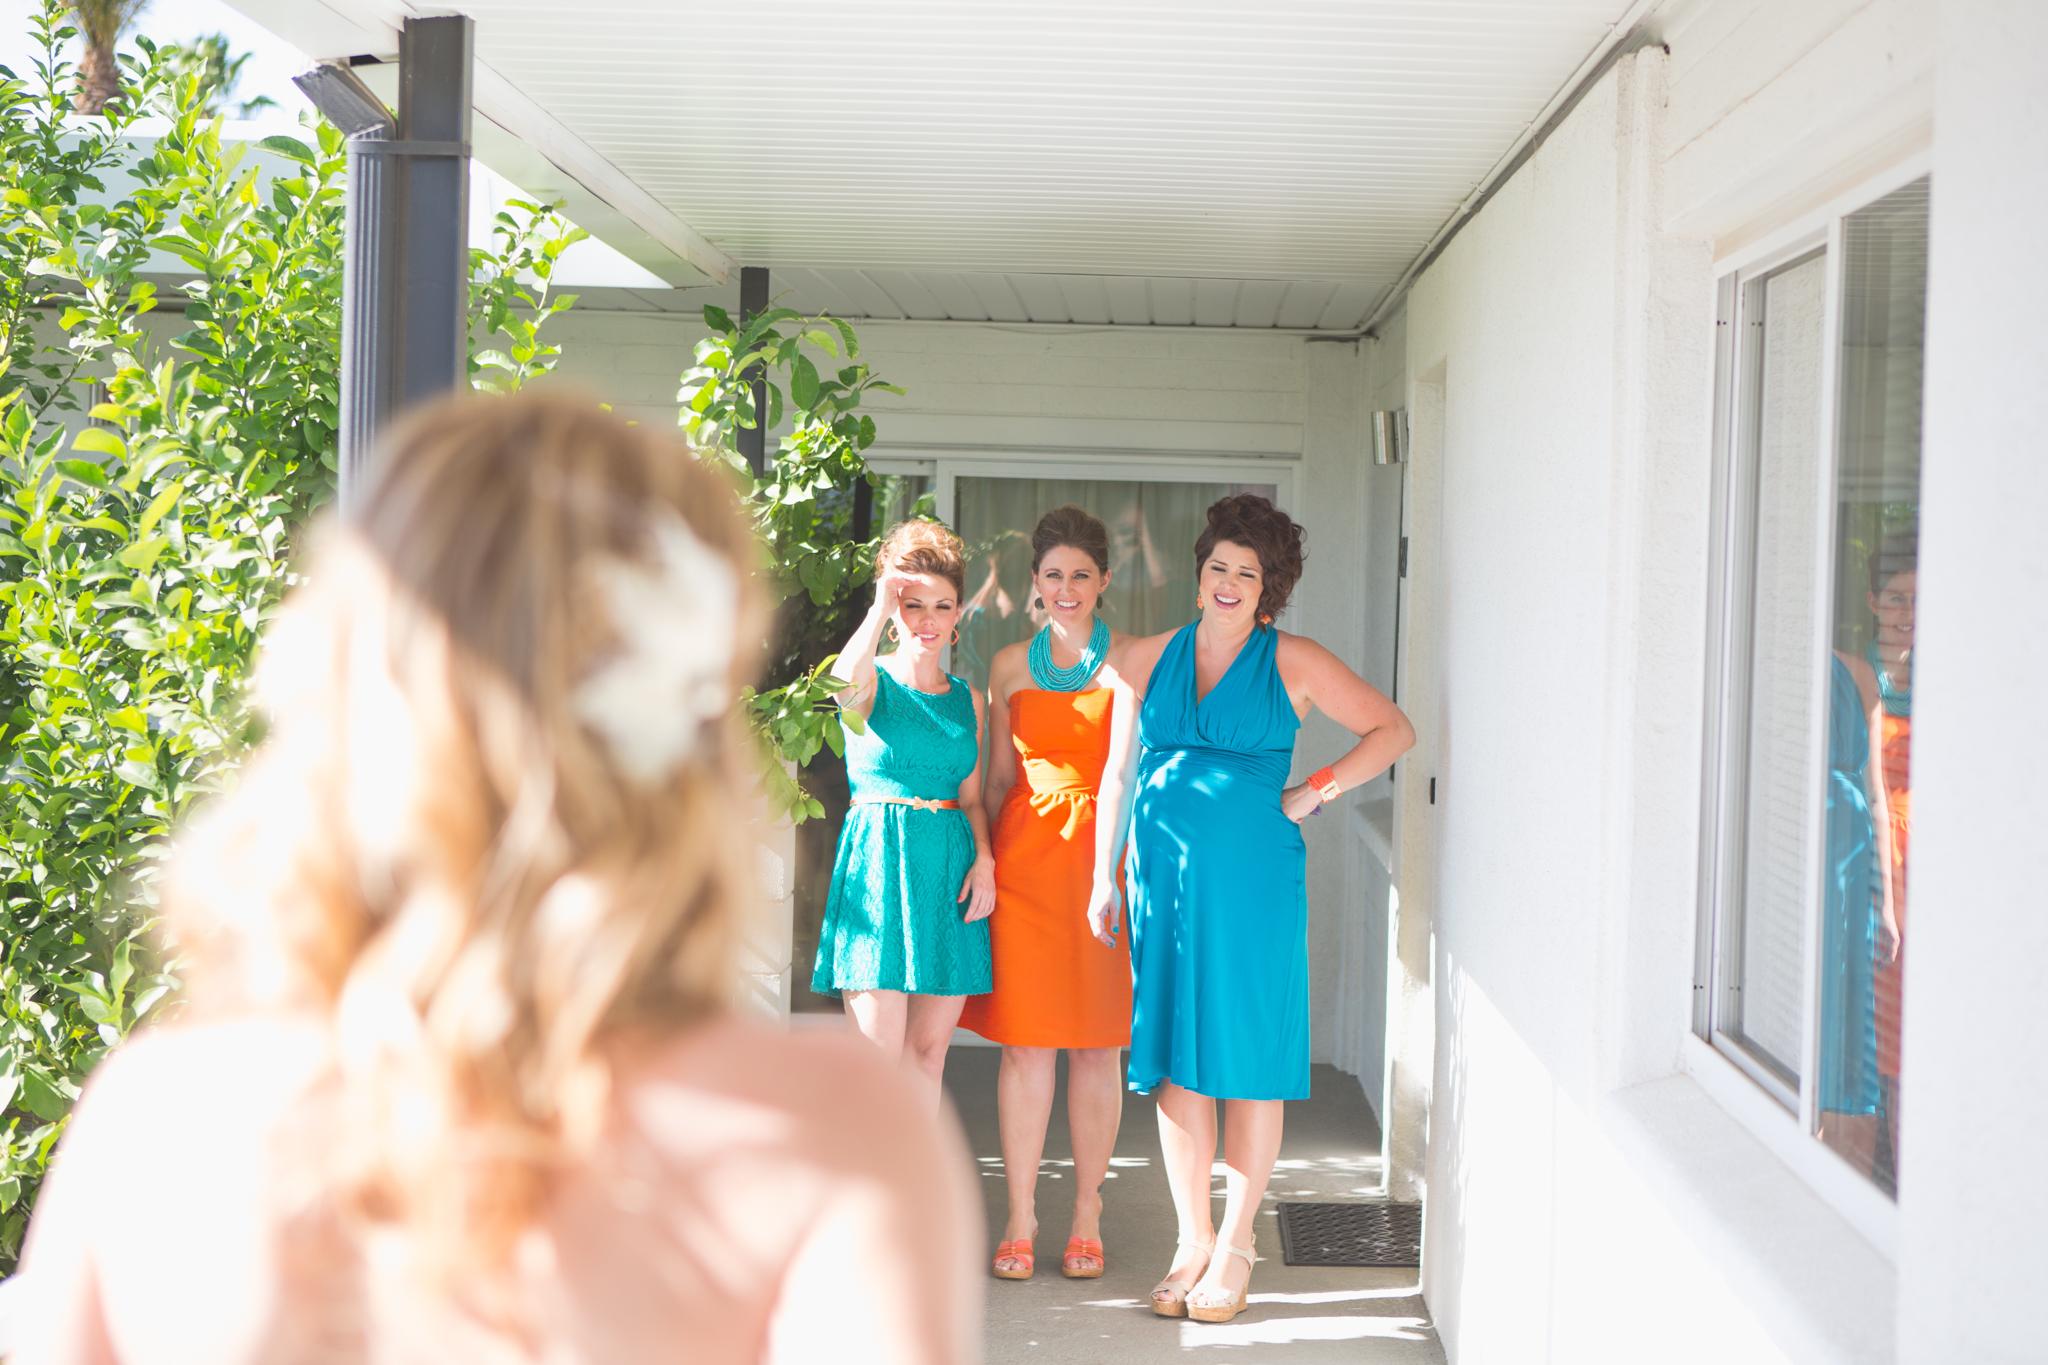 scottsdale-wedding-photographer-el-dorado-bridesmaids-look-on